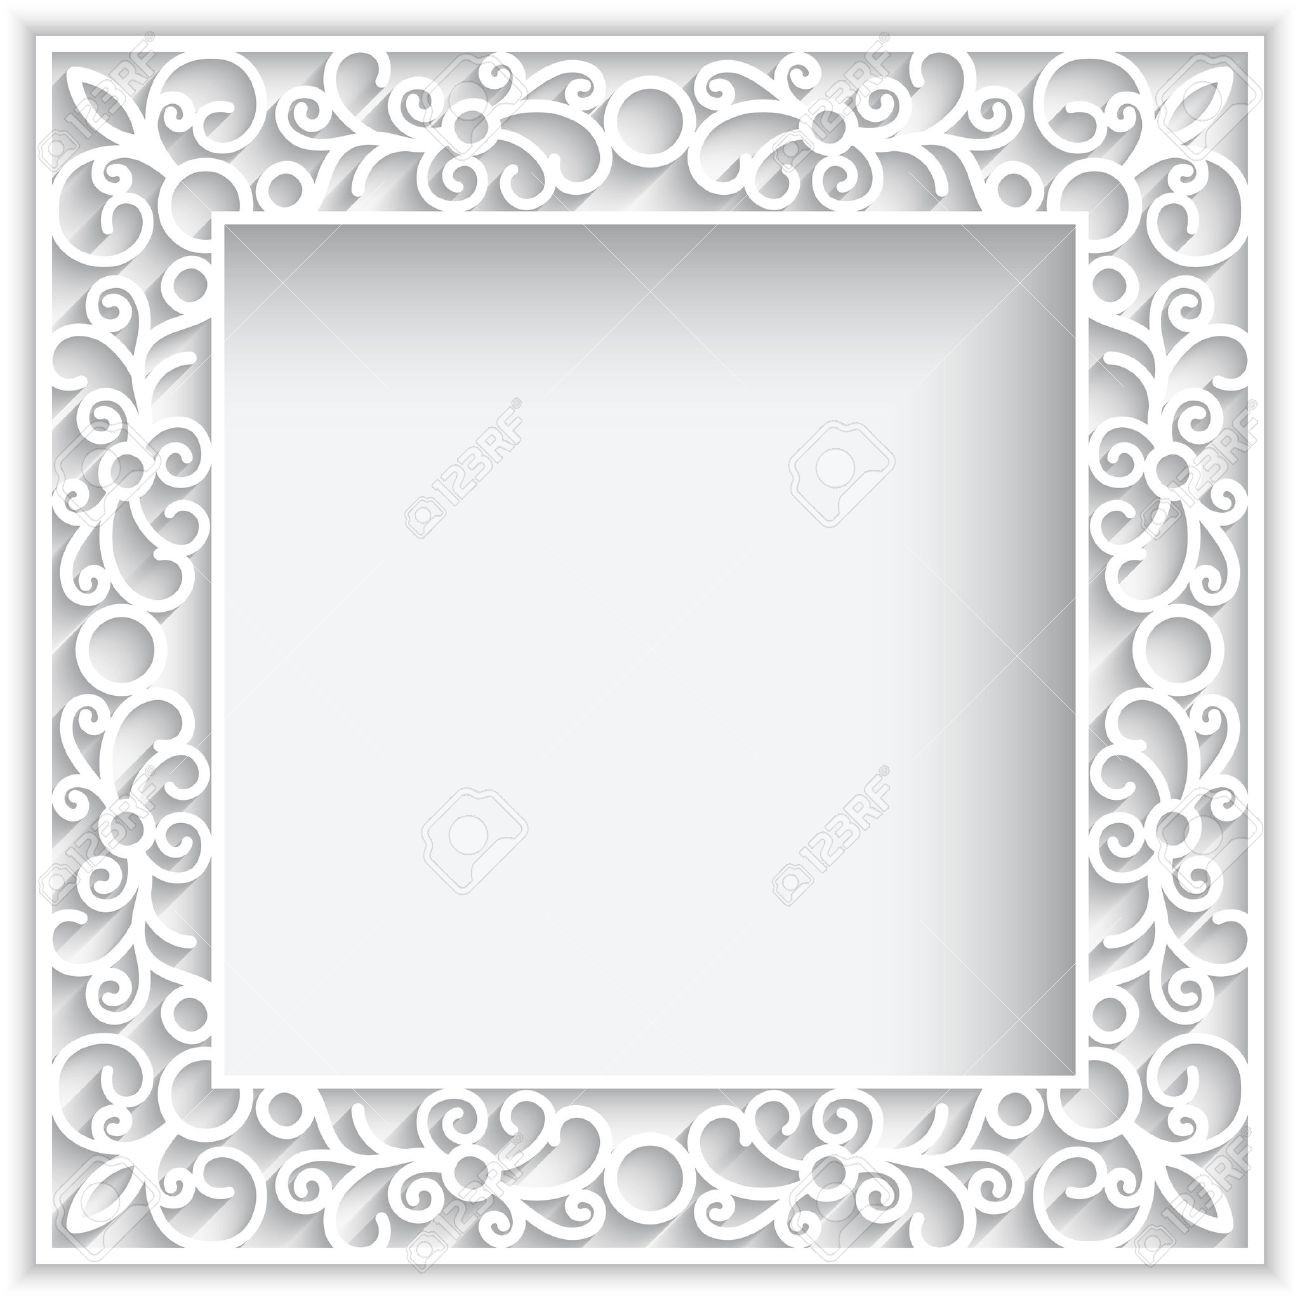 Abstrakter Quadratischer Spitze Rahmen Mit Papier Swirlse, Weiße ...